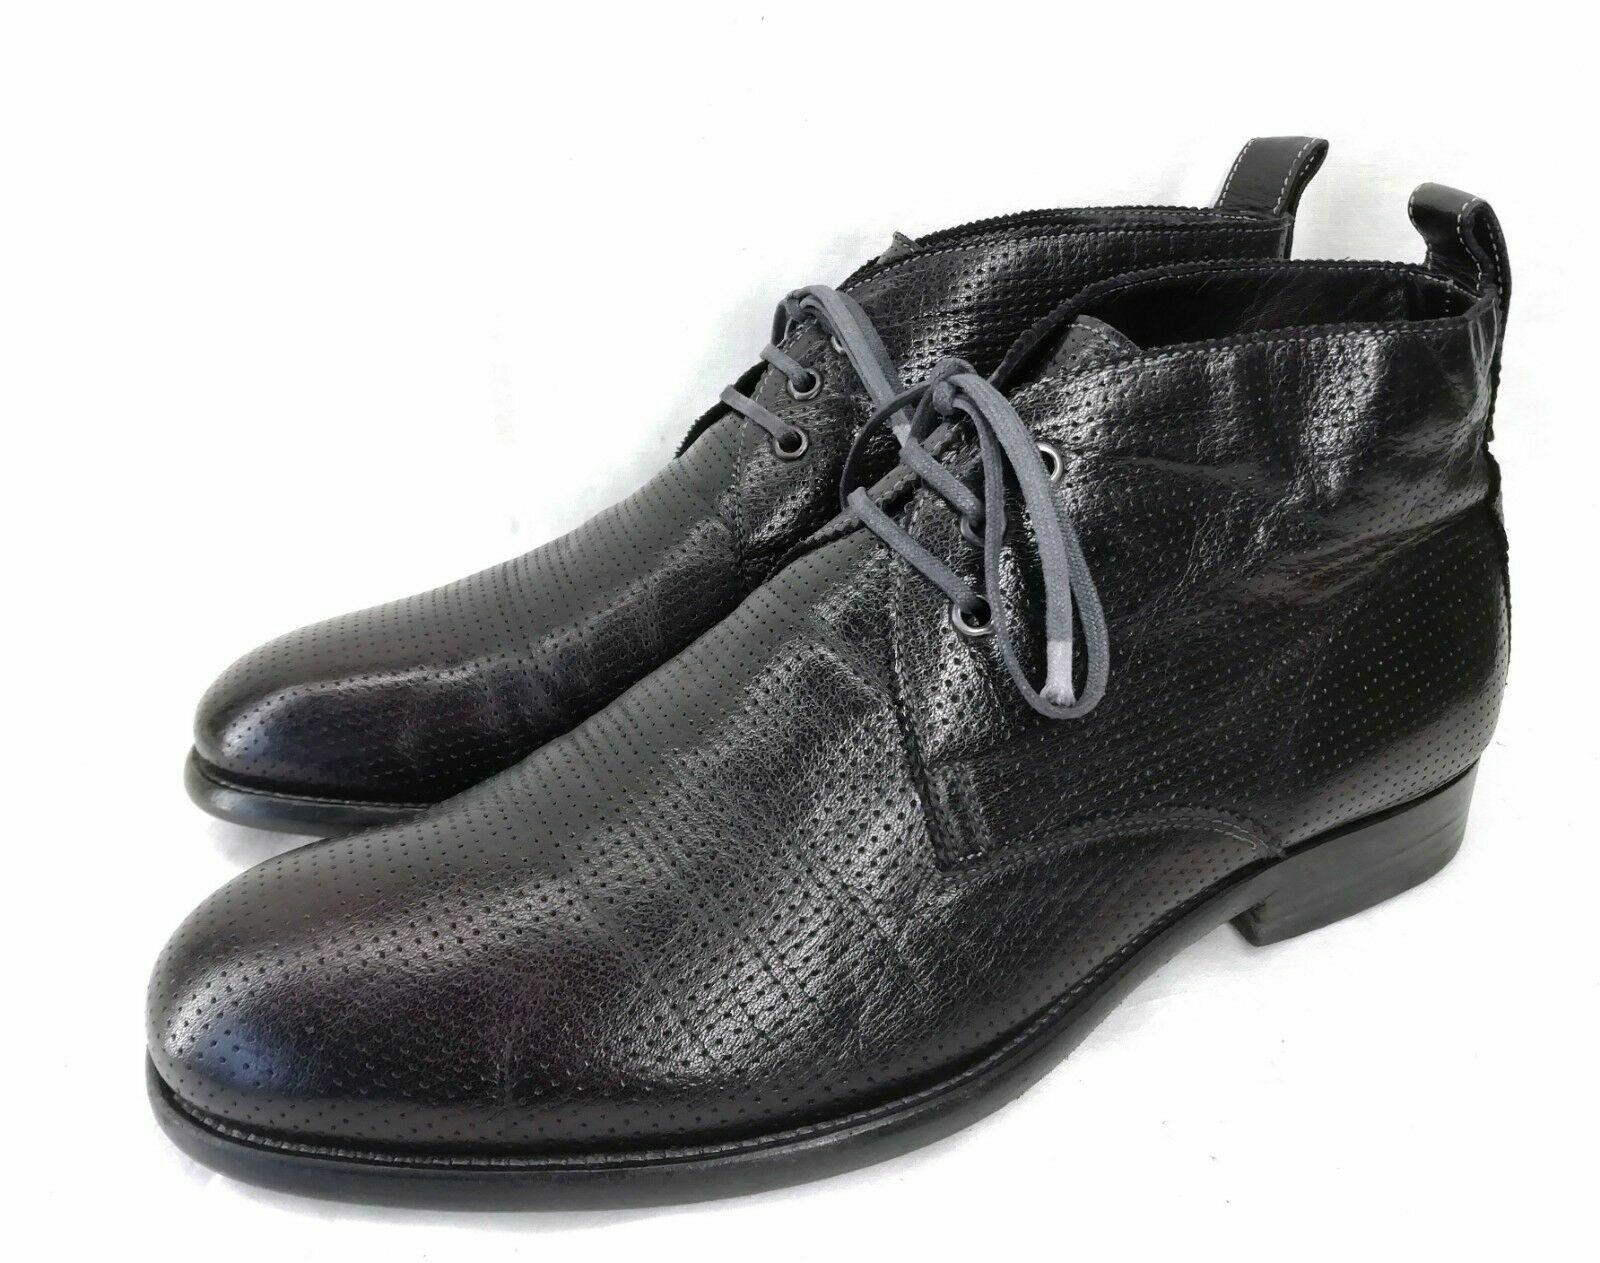 rotwood Hikon Chukka Stiefel Stiefeletten Schwarz Gelöchert Leder Gr. 43 43,5 WEIT    | Smart